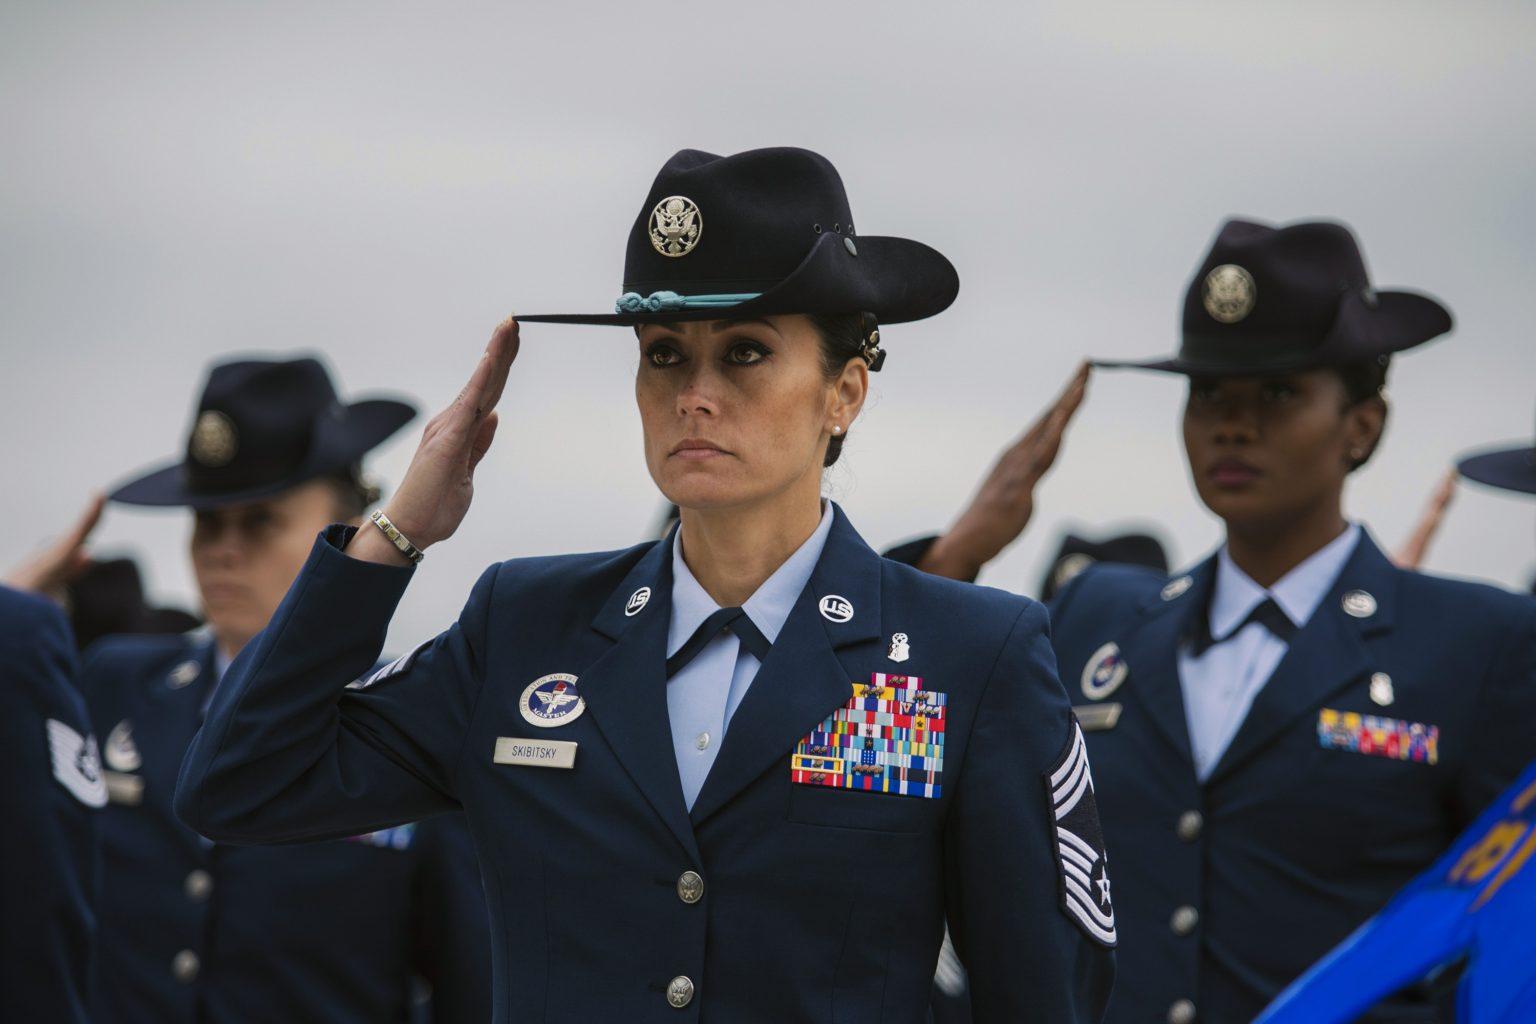 Air Force photo by Ismael Ortega